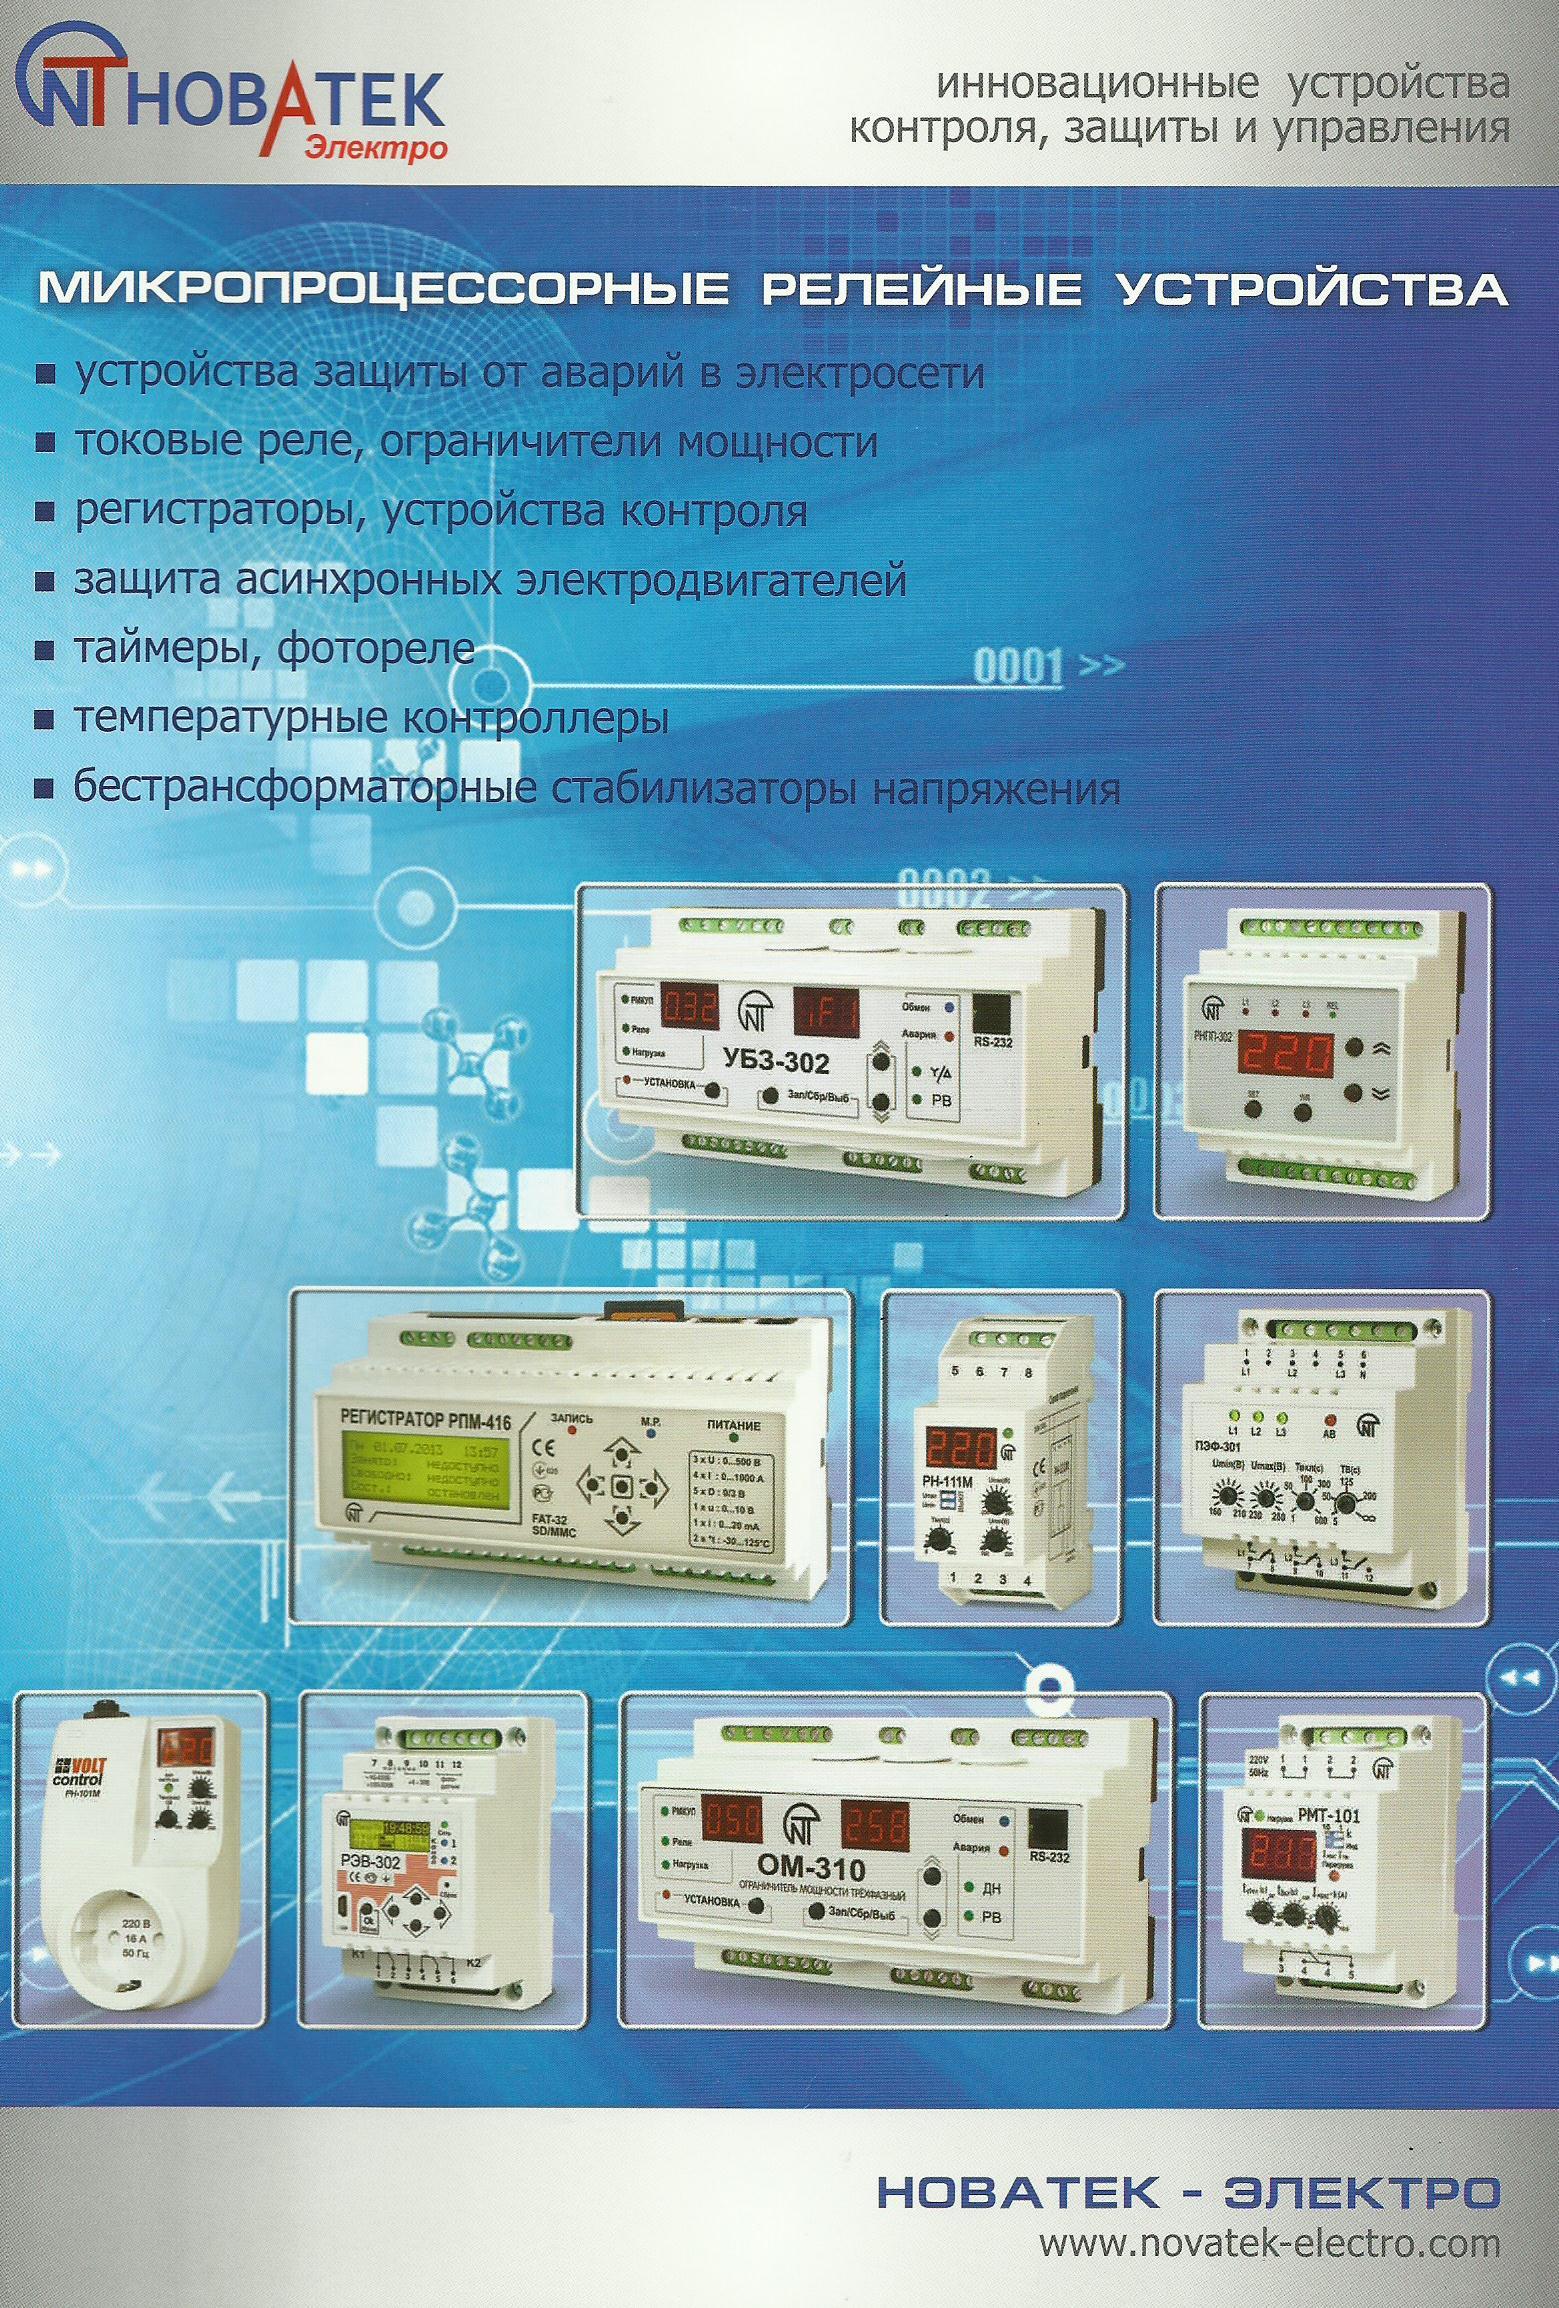 Микропроцессорные релейные устройства